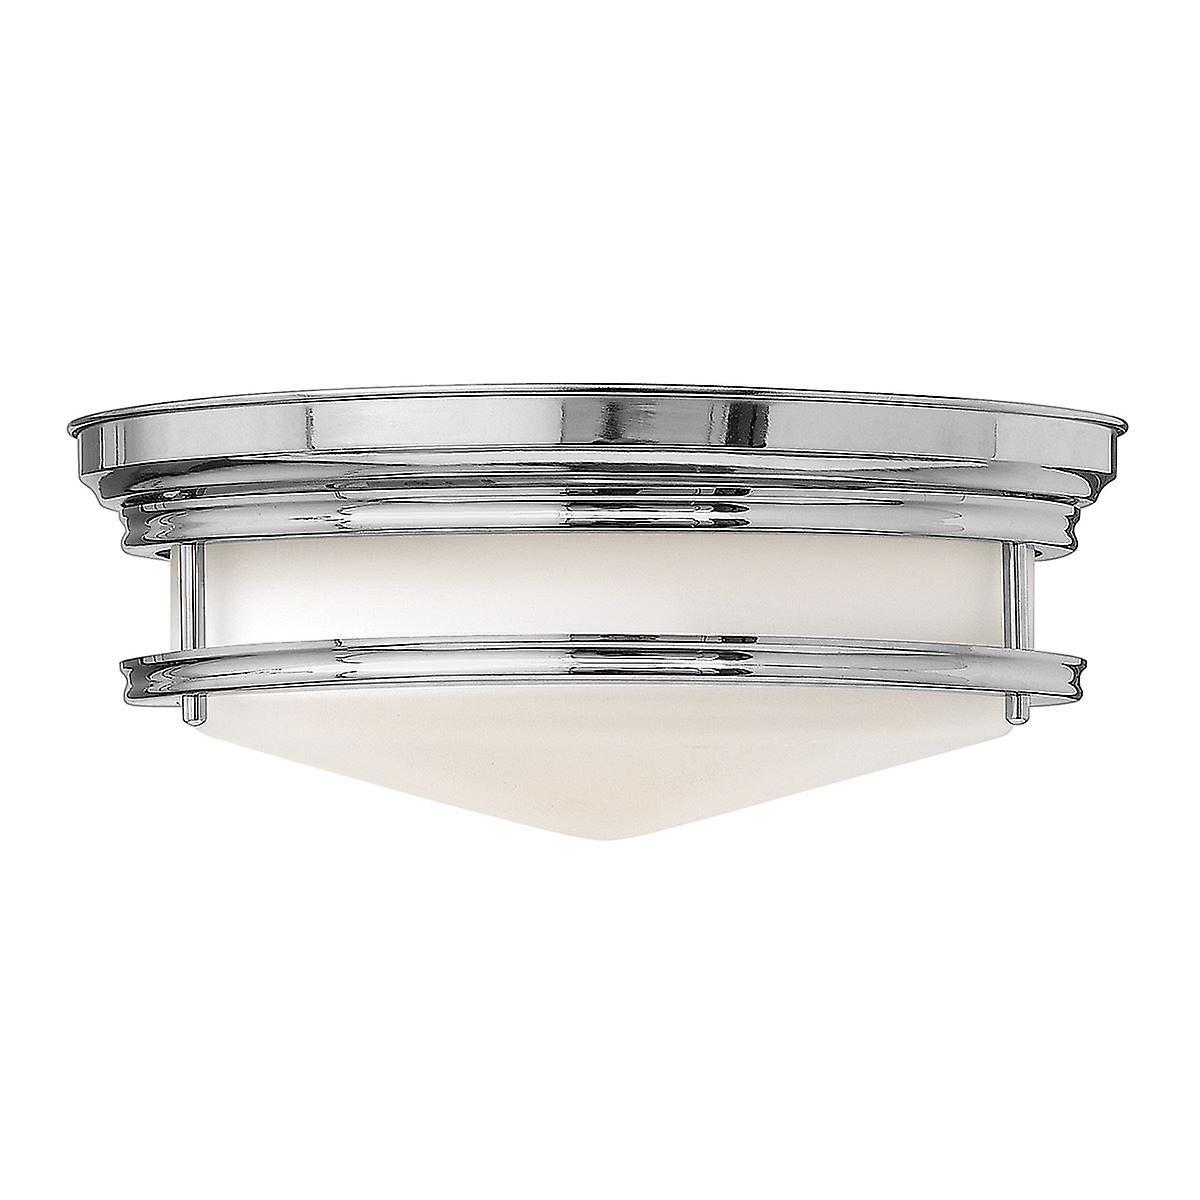 Elstead - 3 lumière Semi Flush Ceiling lumière Chrome - HK HADLEY F CM